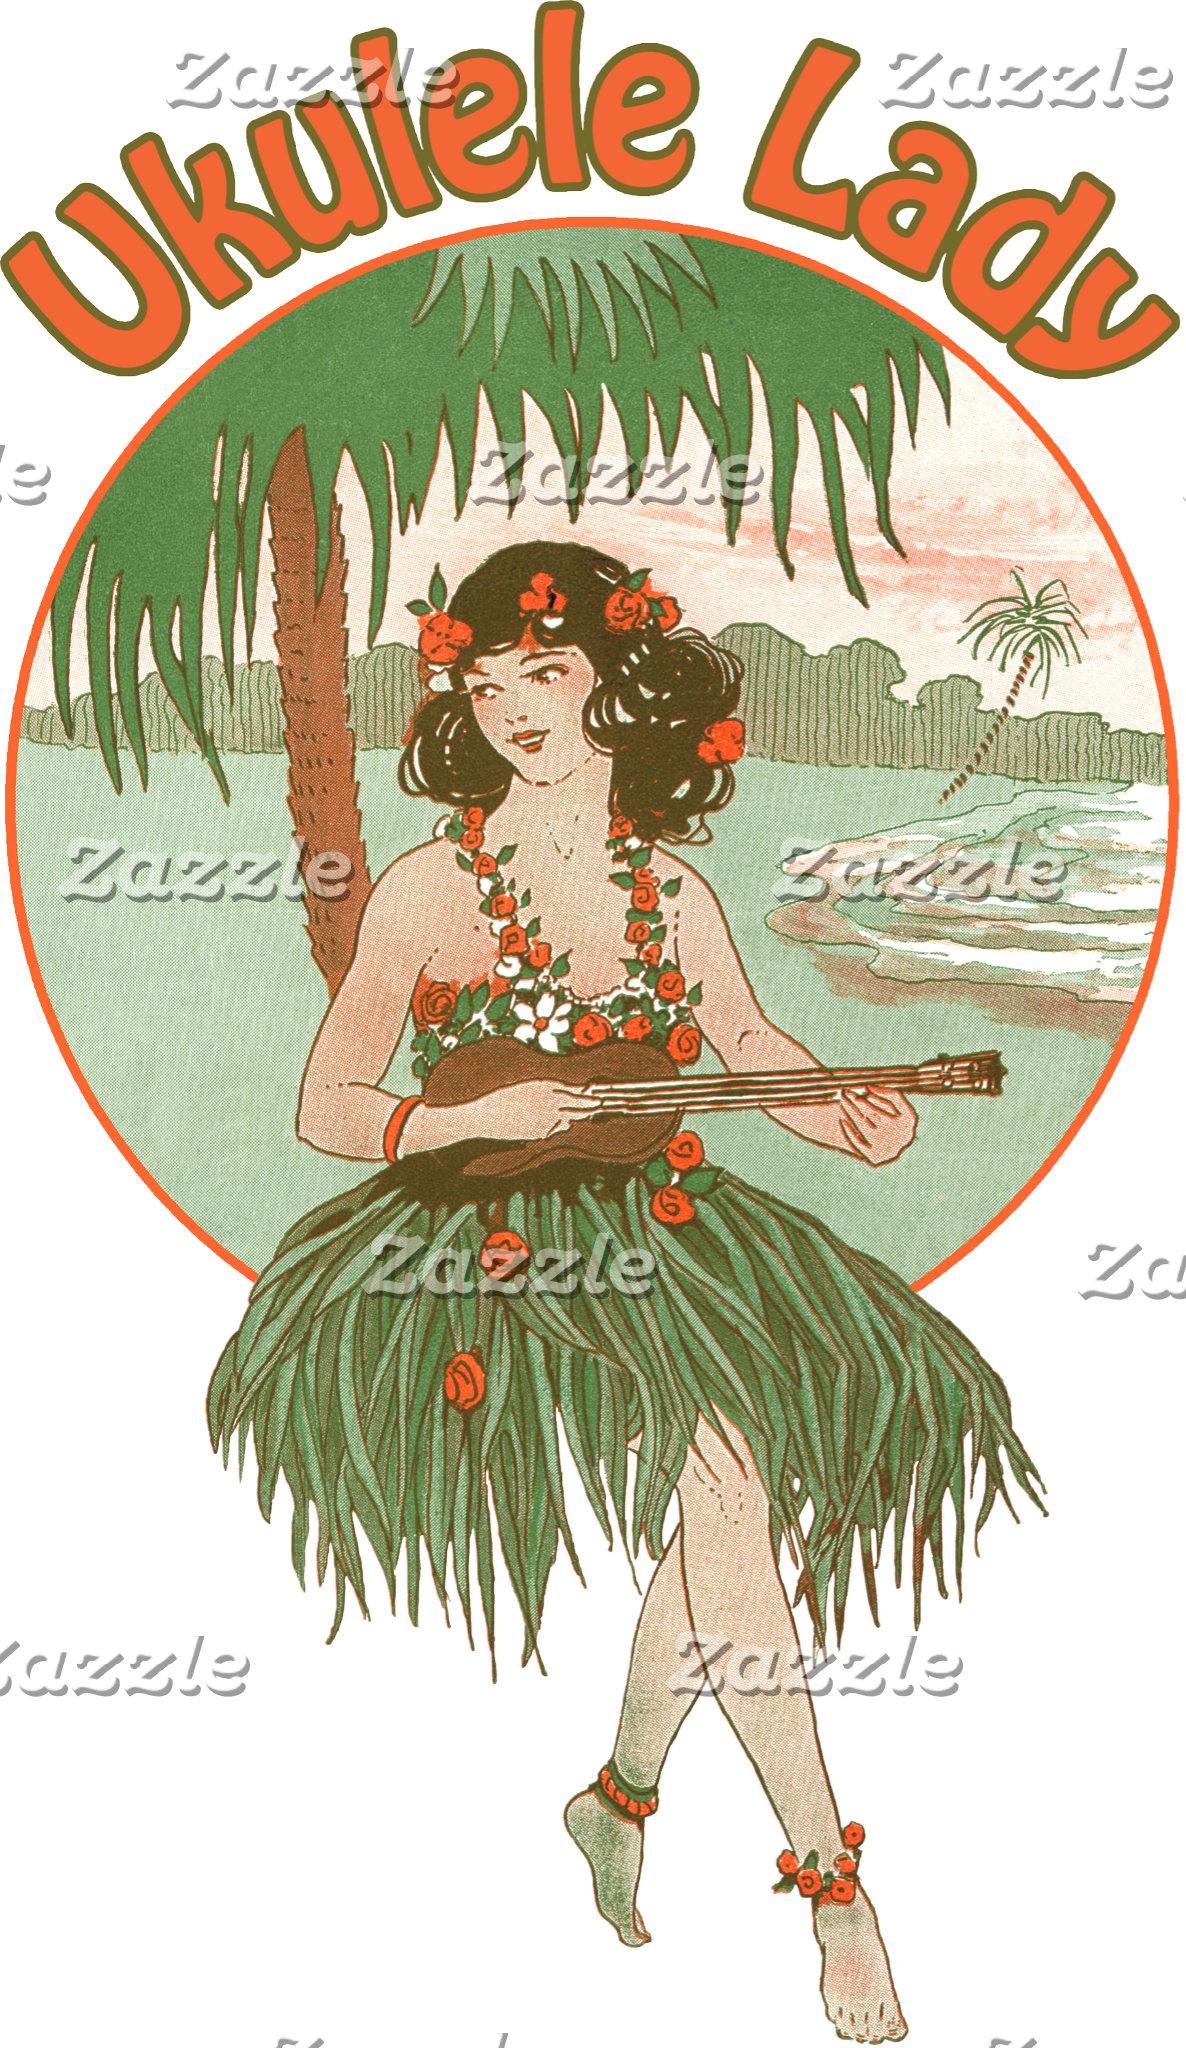 Ukulele Lady #1